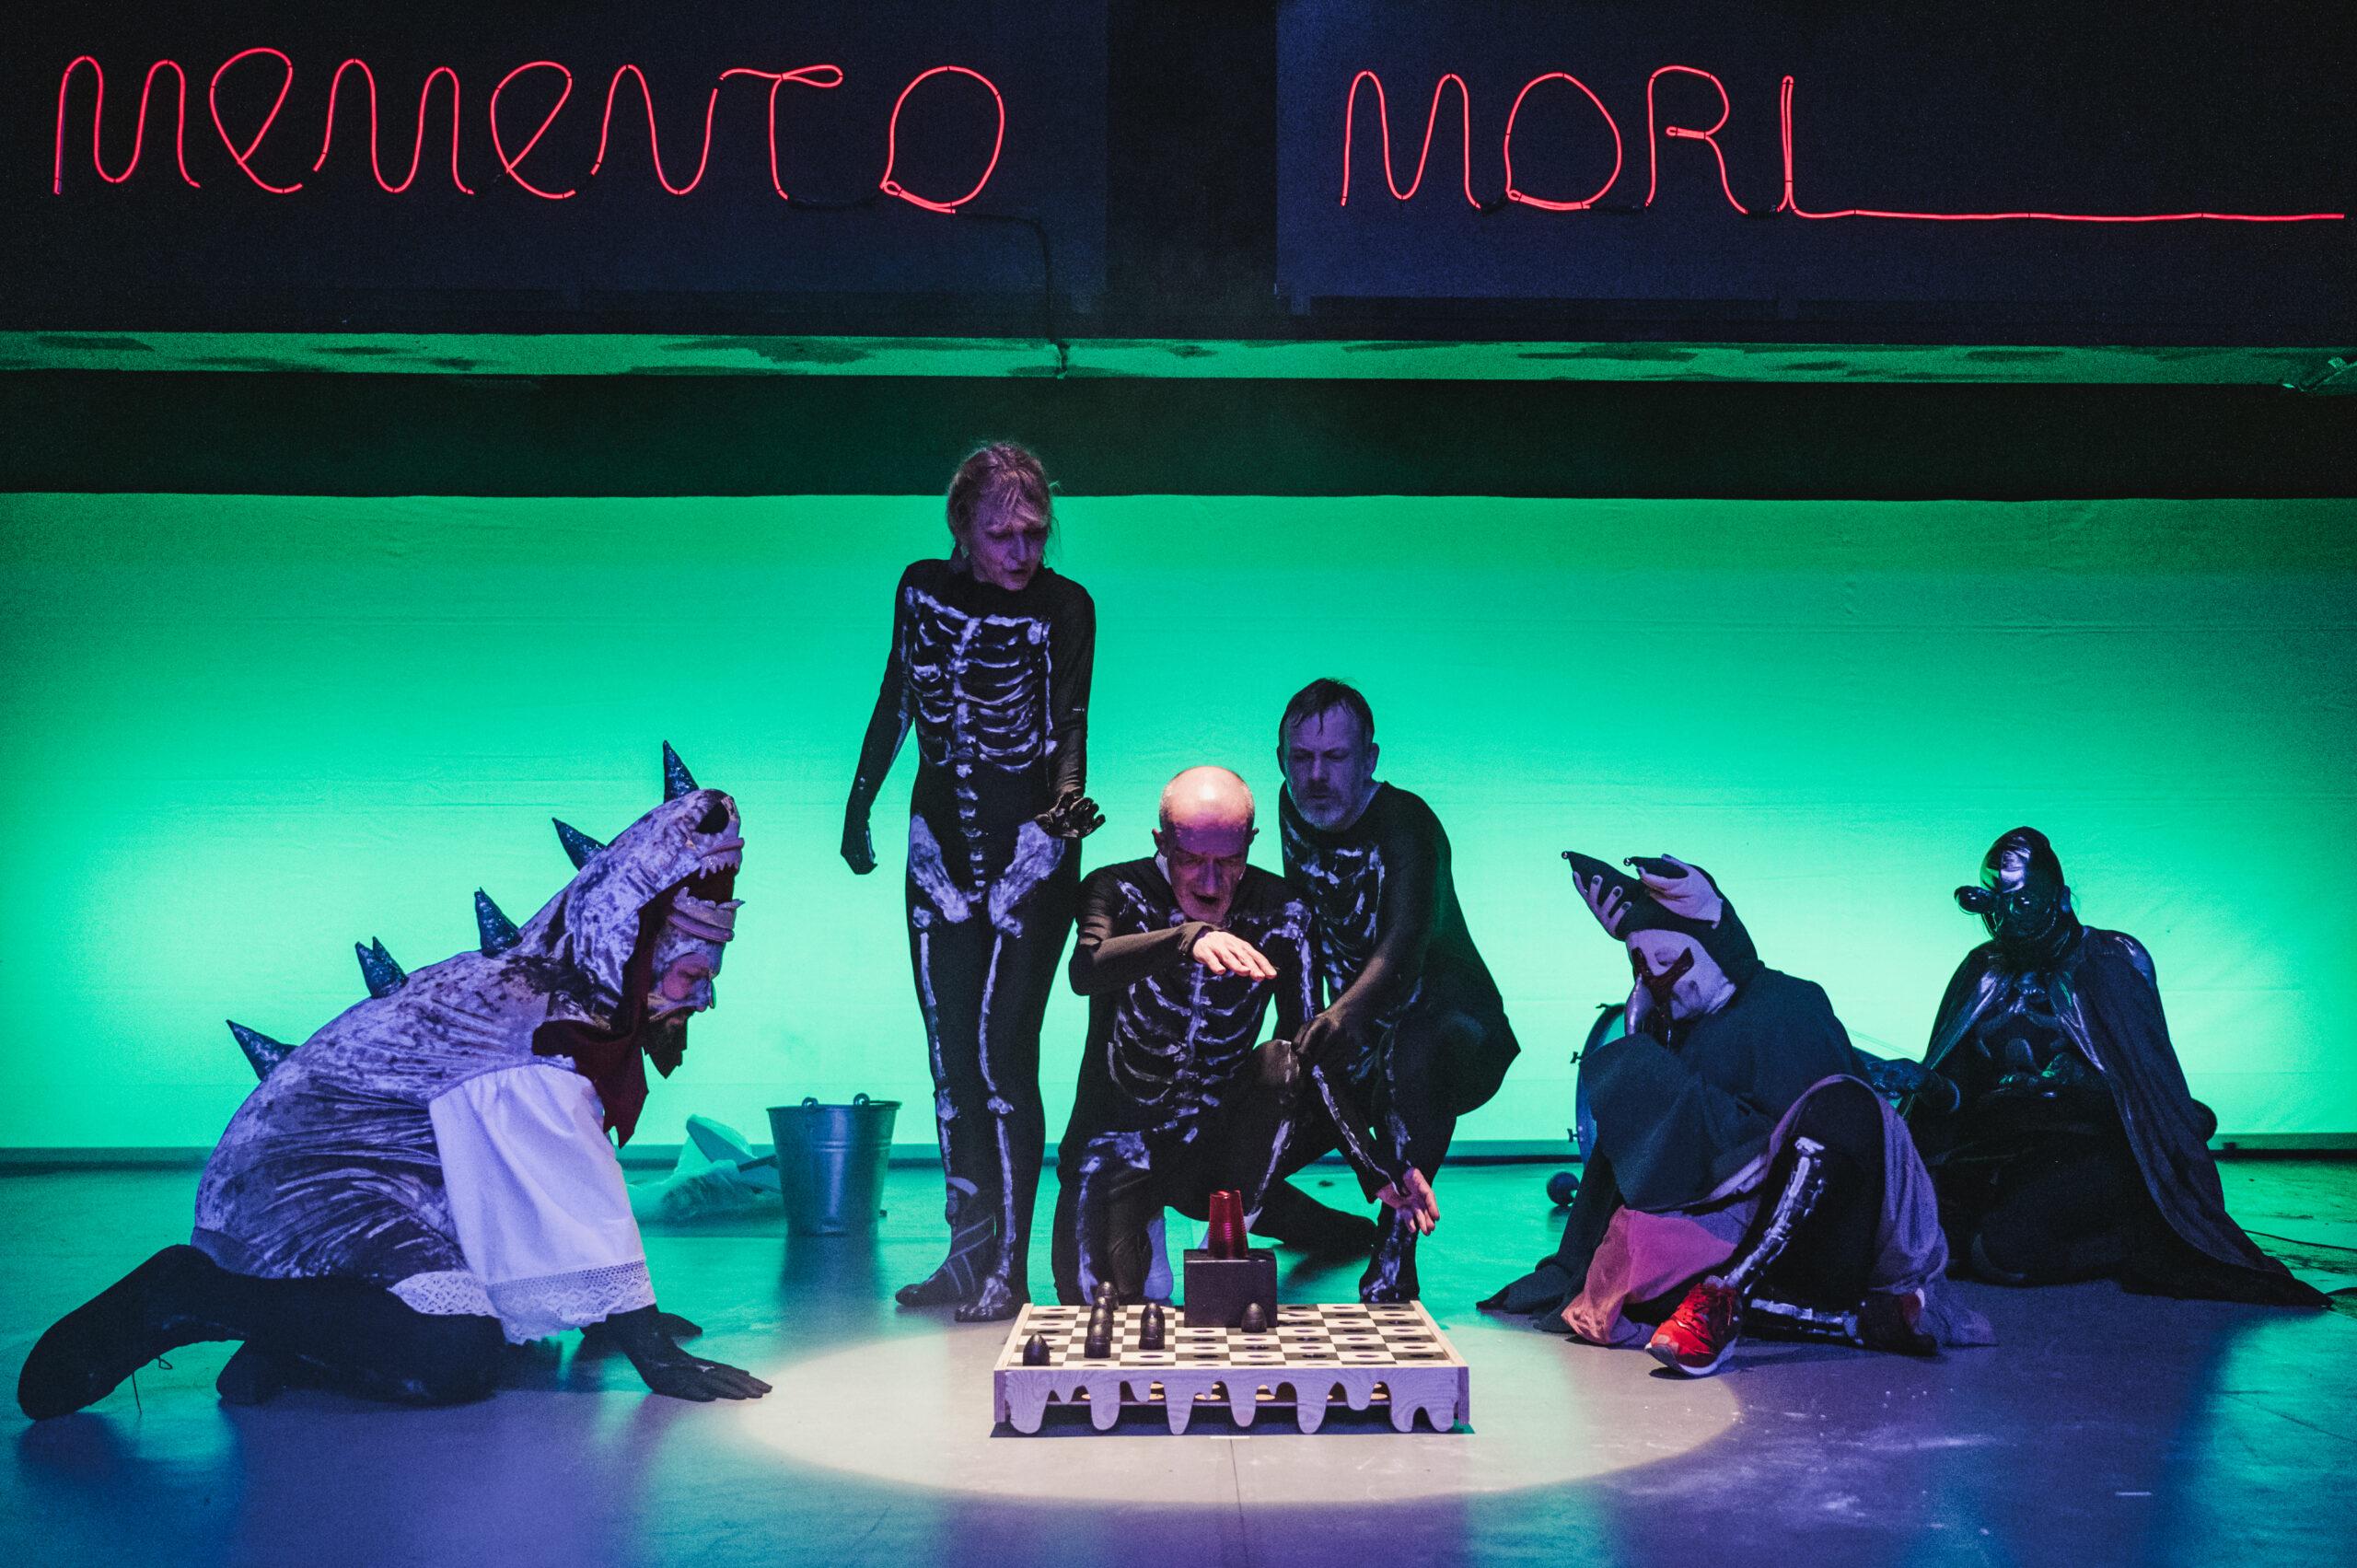 Zdjęcie ze spektaklu Gargantua i Pantagruel. Grupa osób przebranych za kościotrupy. Stoją przed dużą planszą do szachów. Nad nimi napis Memento mori.